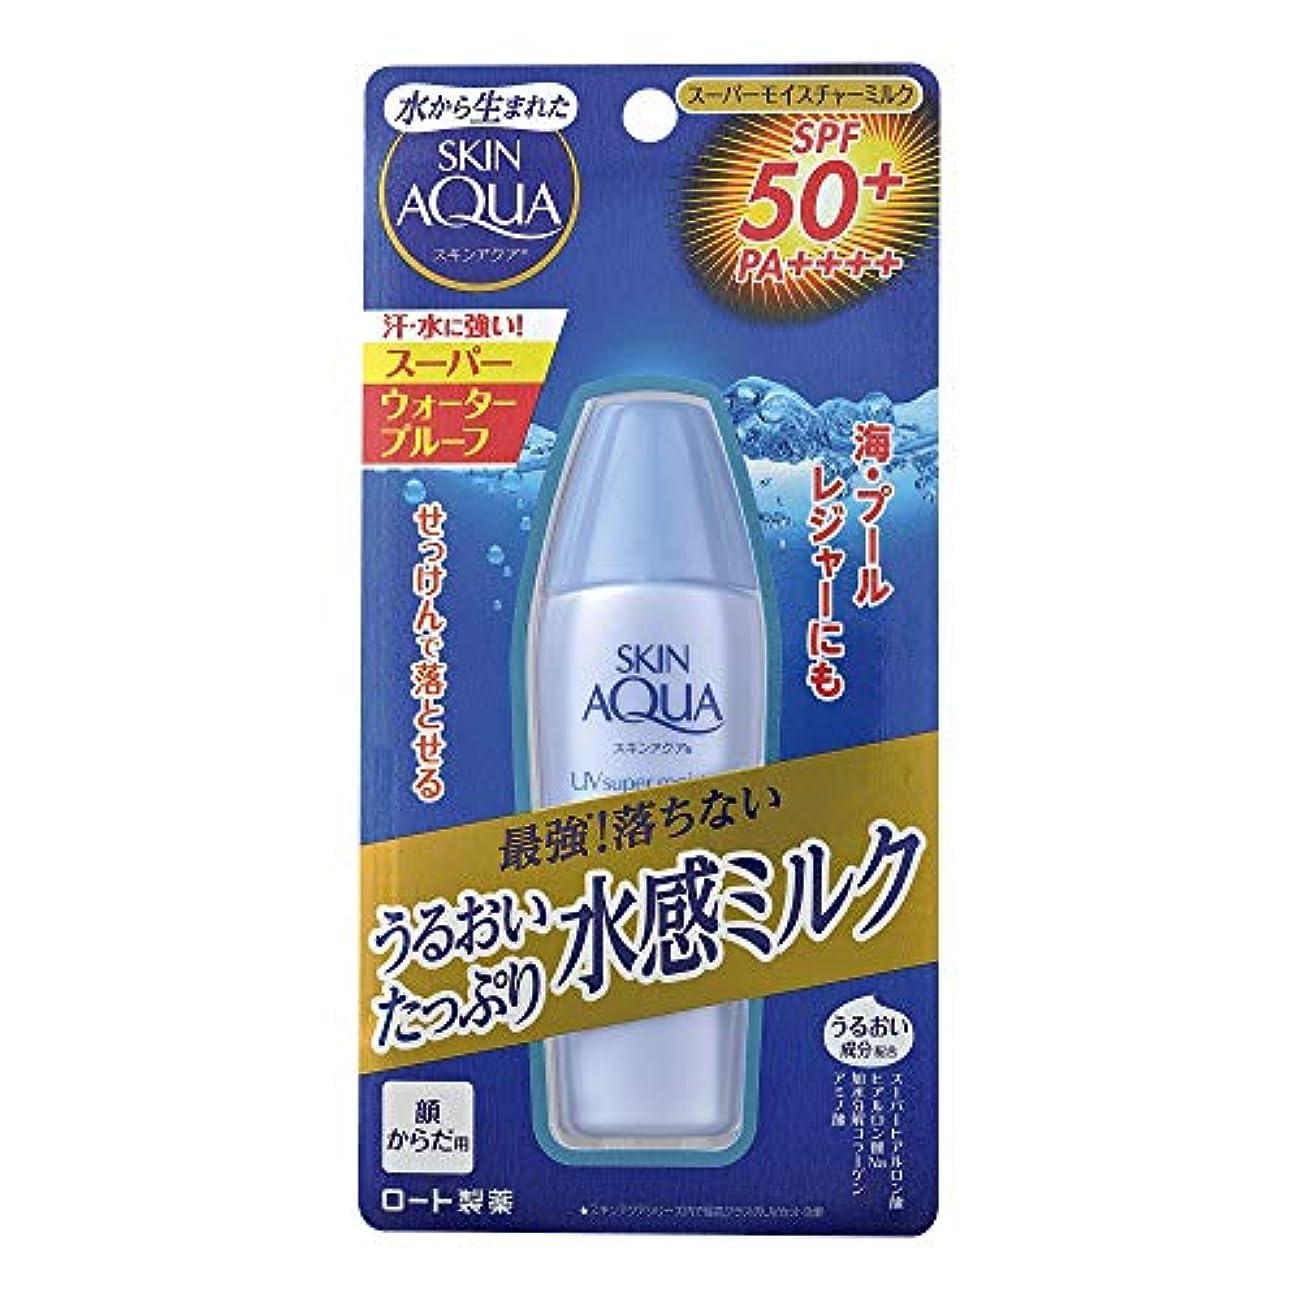 技術者クラッチ手首スキンアクア (SKIN AQUA) 日焼け止め スーパーモイスチャーミルク 潤い成分4種配合 水感ミルク (SPF50 PA++++) 40mL ※スーパーウォータープルーフ